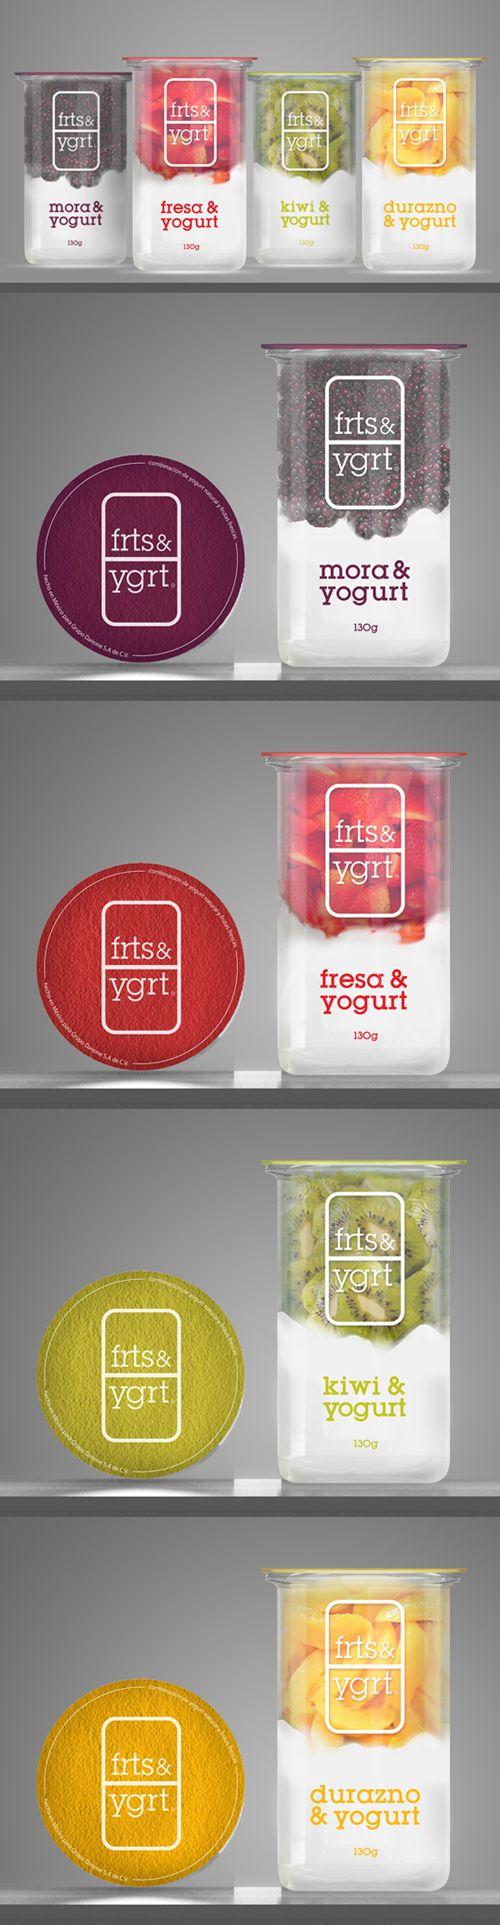 fruit yogurt designed by mika kañive #packaging #design